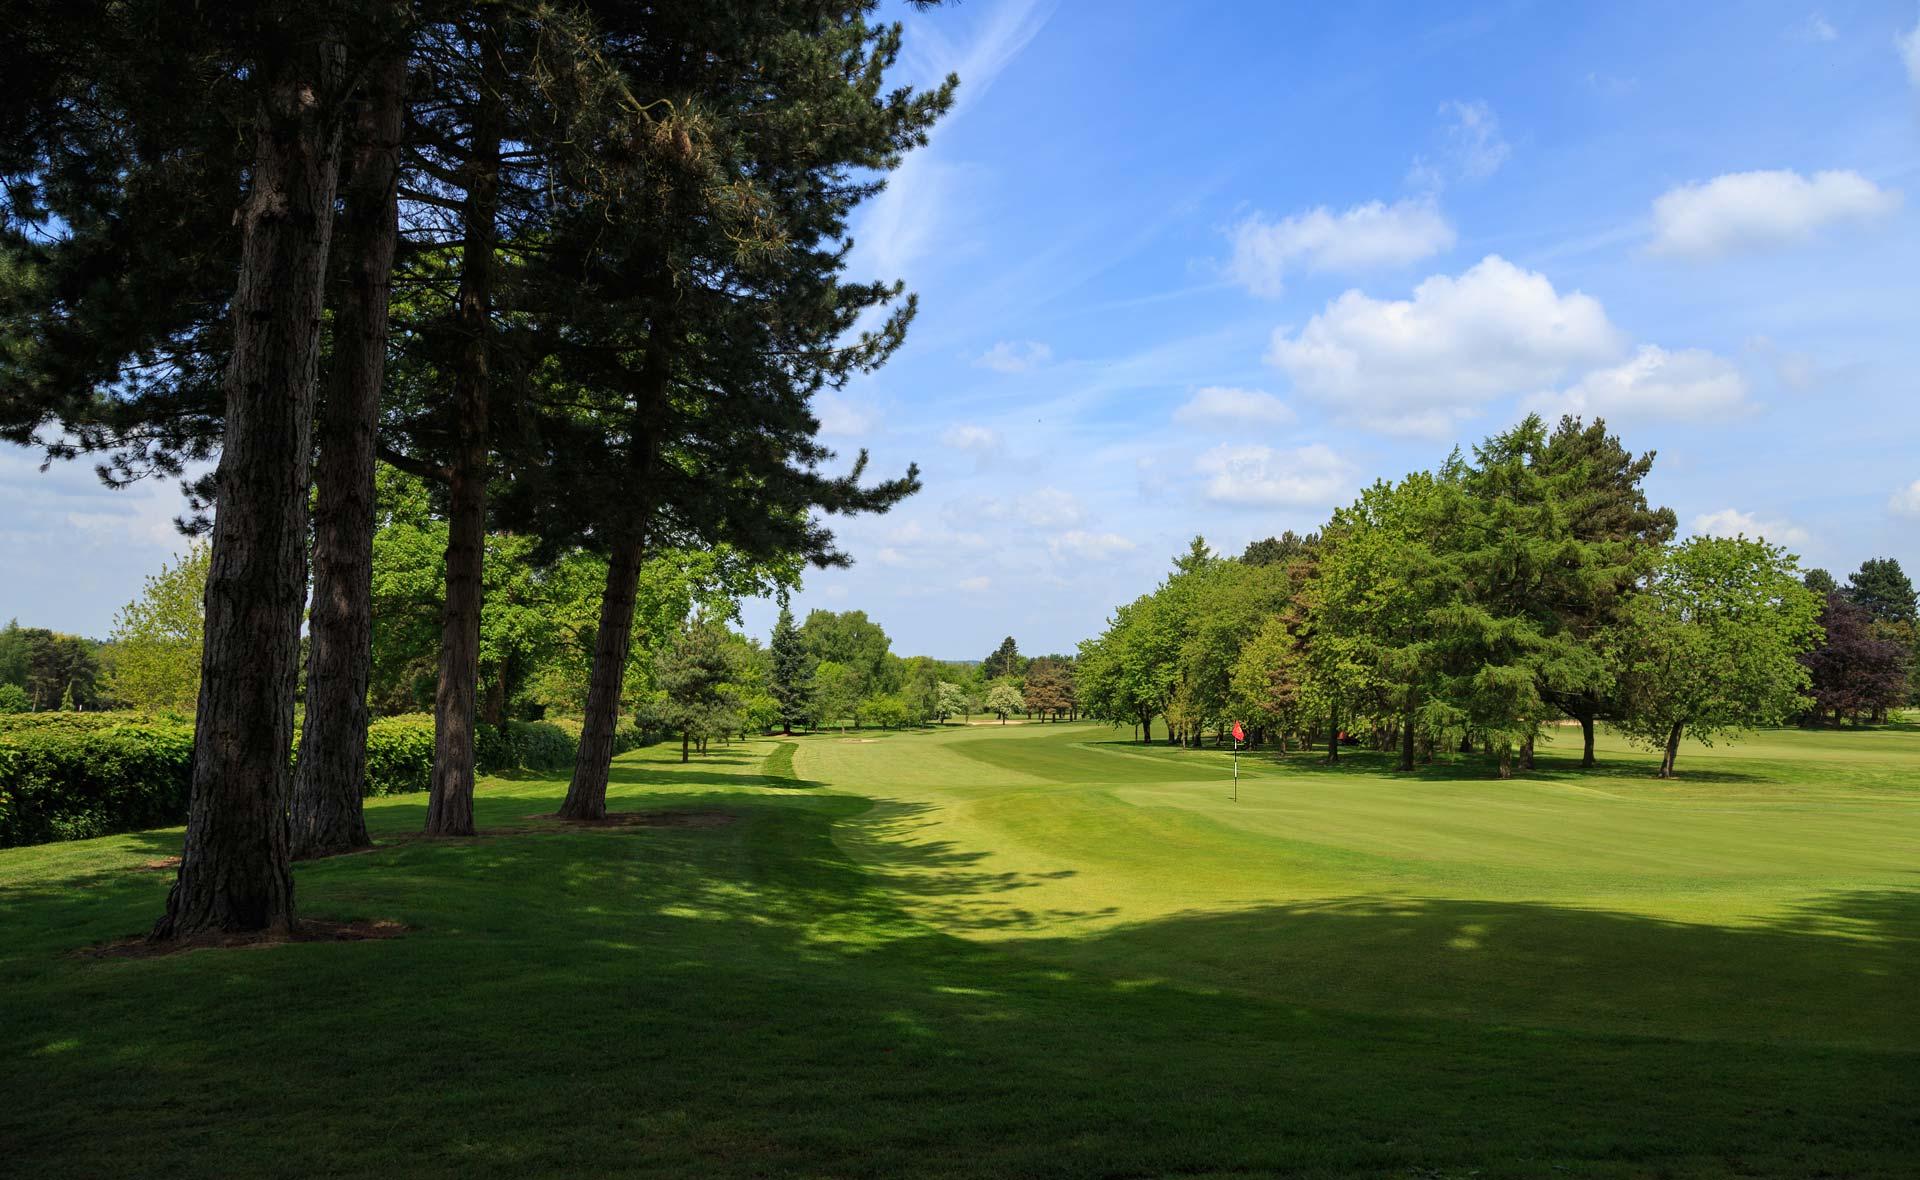 south staffordshire golf club hole 3